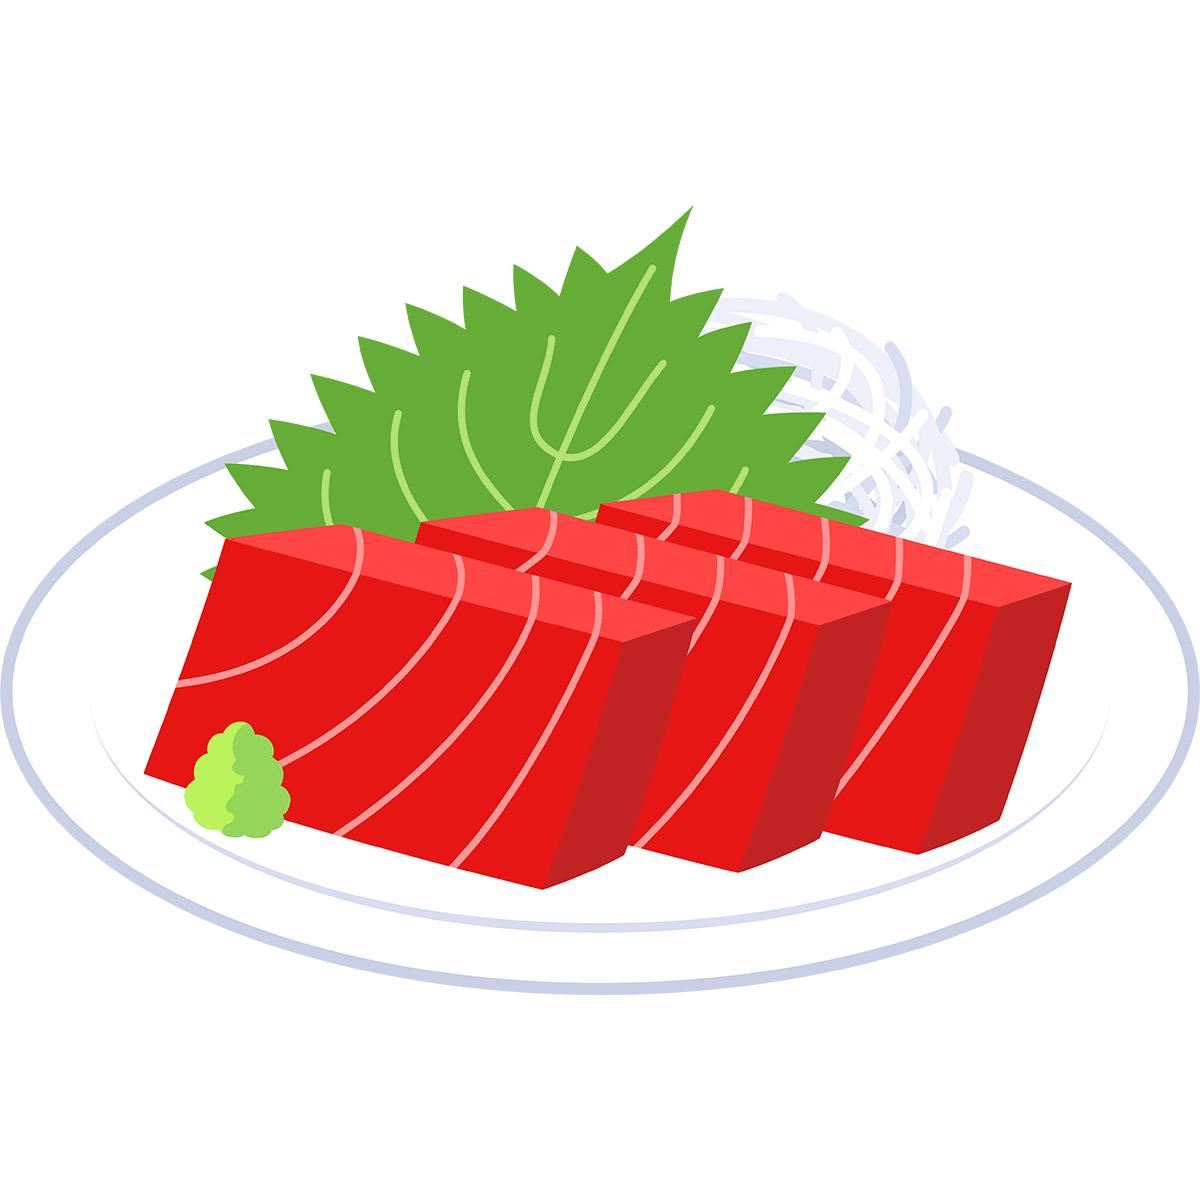 マグロ(赤身)の刺身の無料イラスト